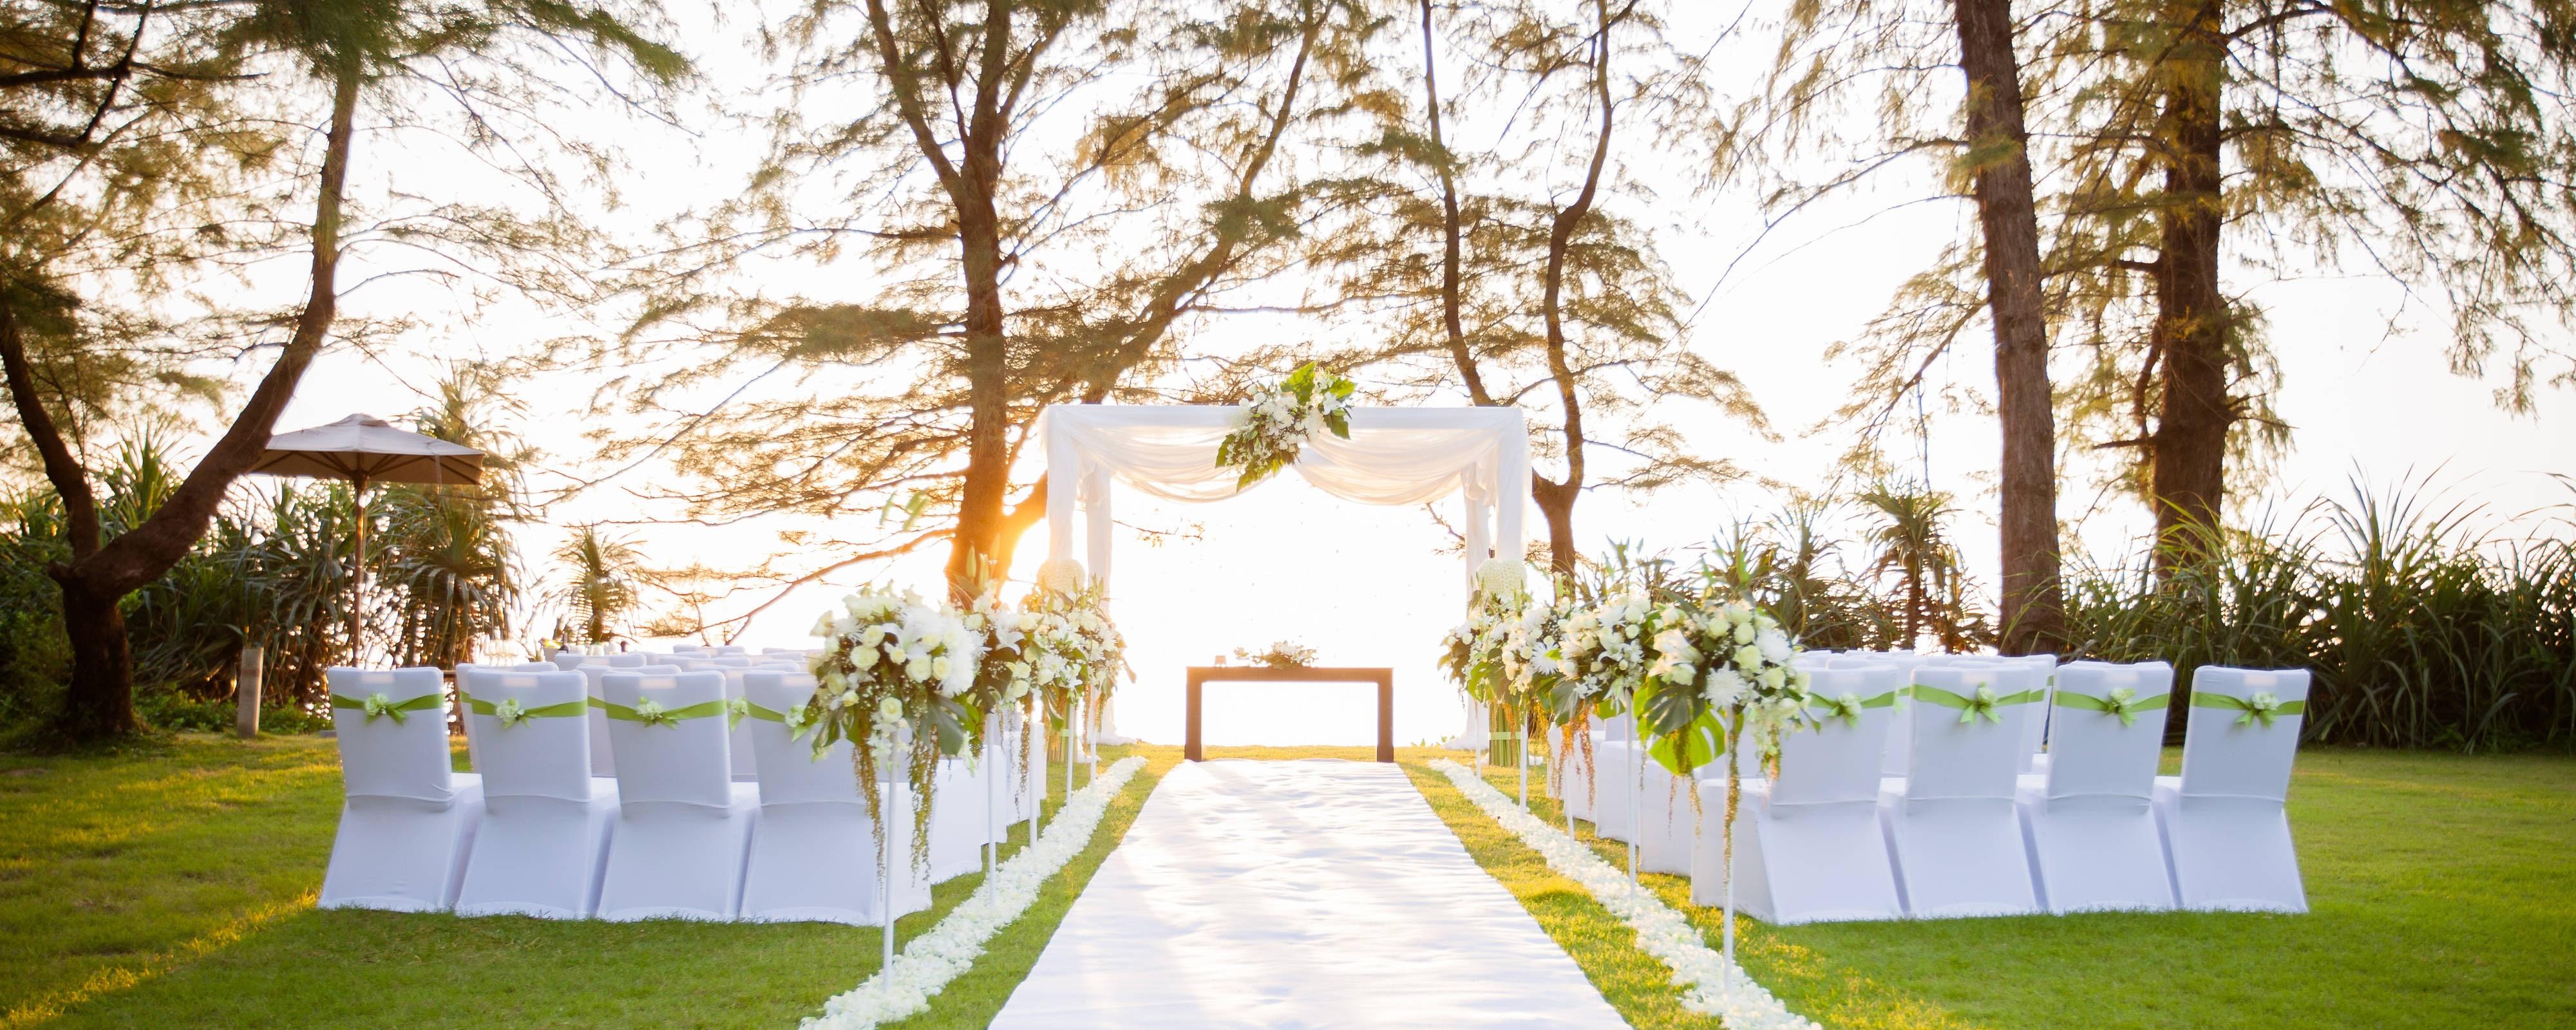 Phuket Wedding Venues Beach Wedding Packages